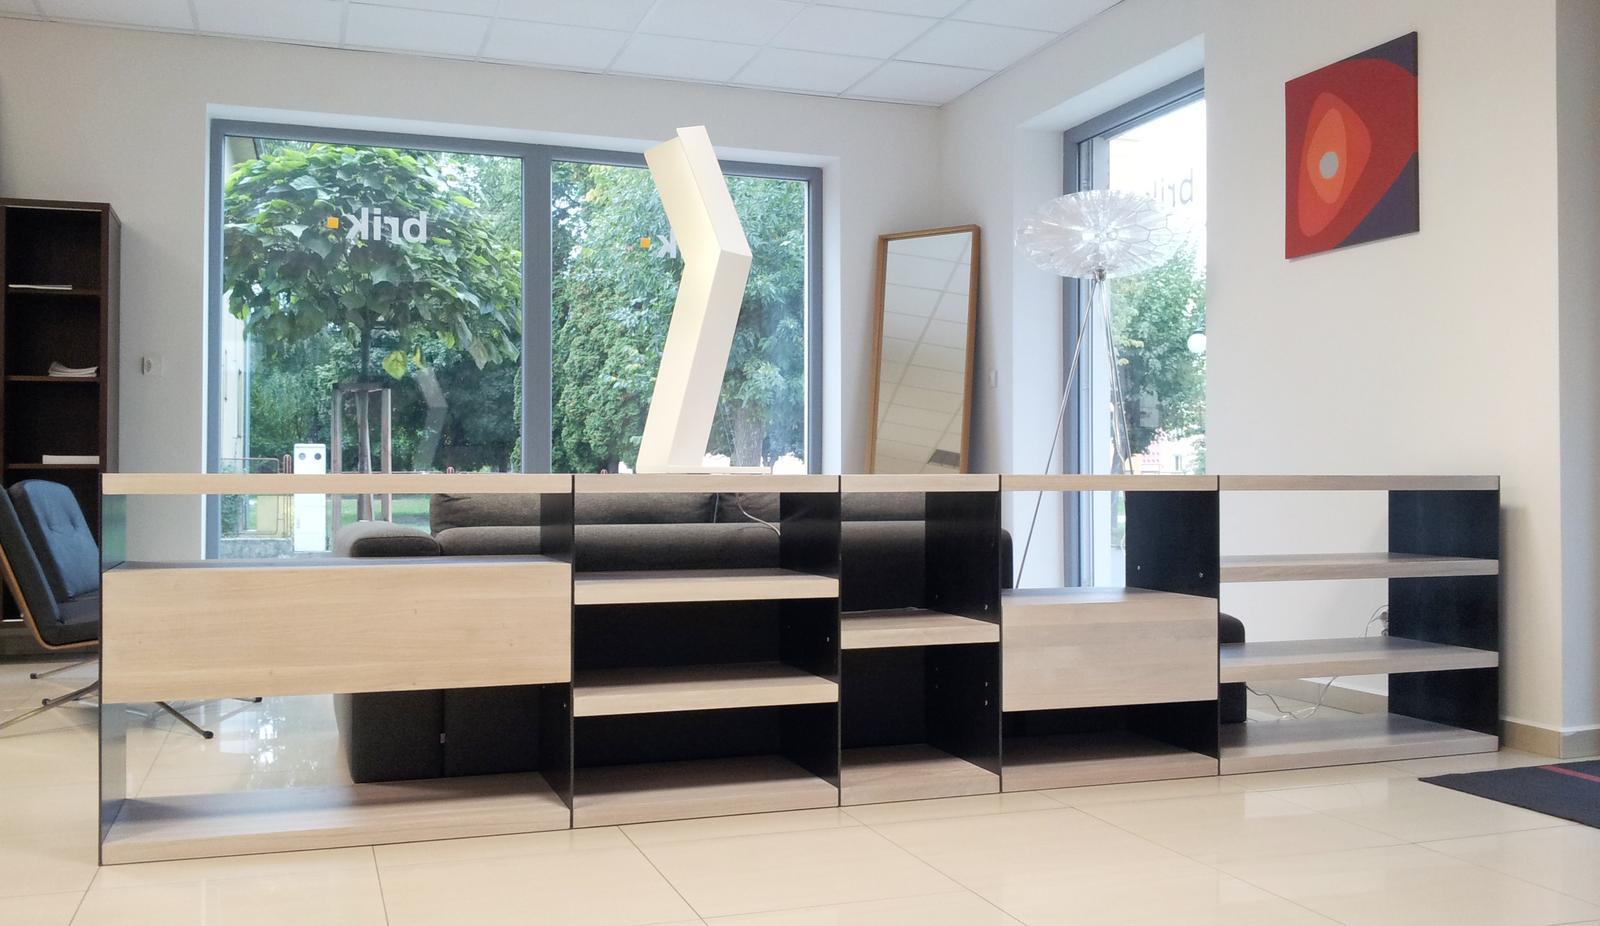 Dizajn a výroba nábytku na mieru Cubica - Knižnica - masívny bielený dub - dizajn a výroba cubica